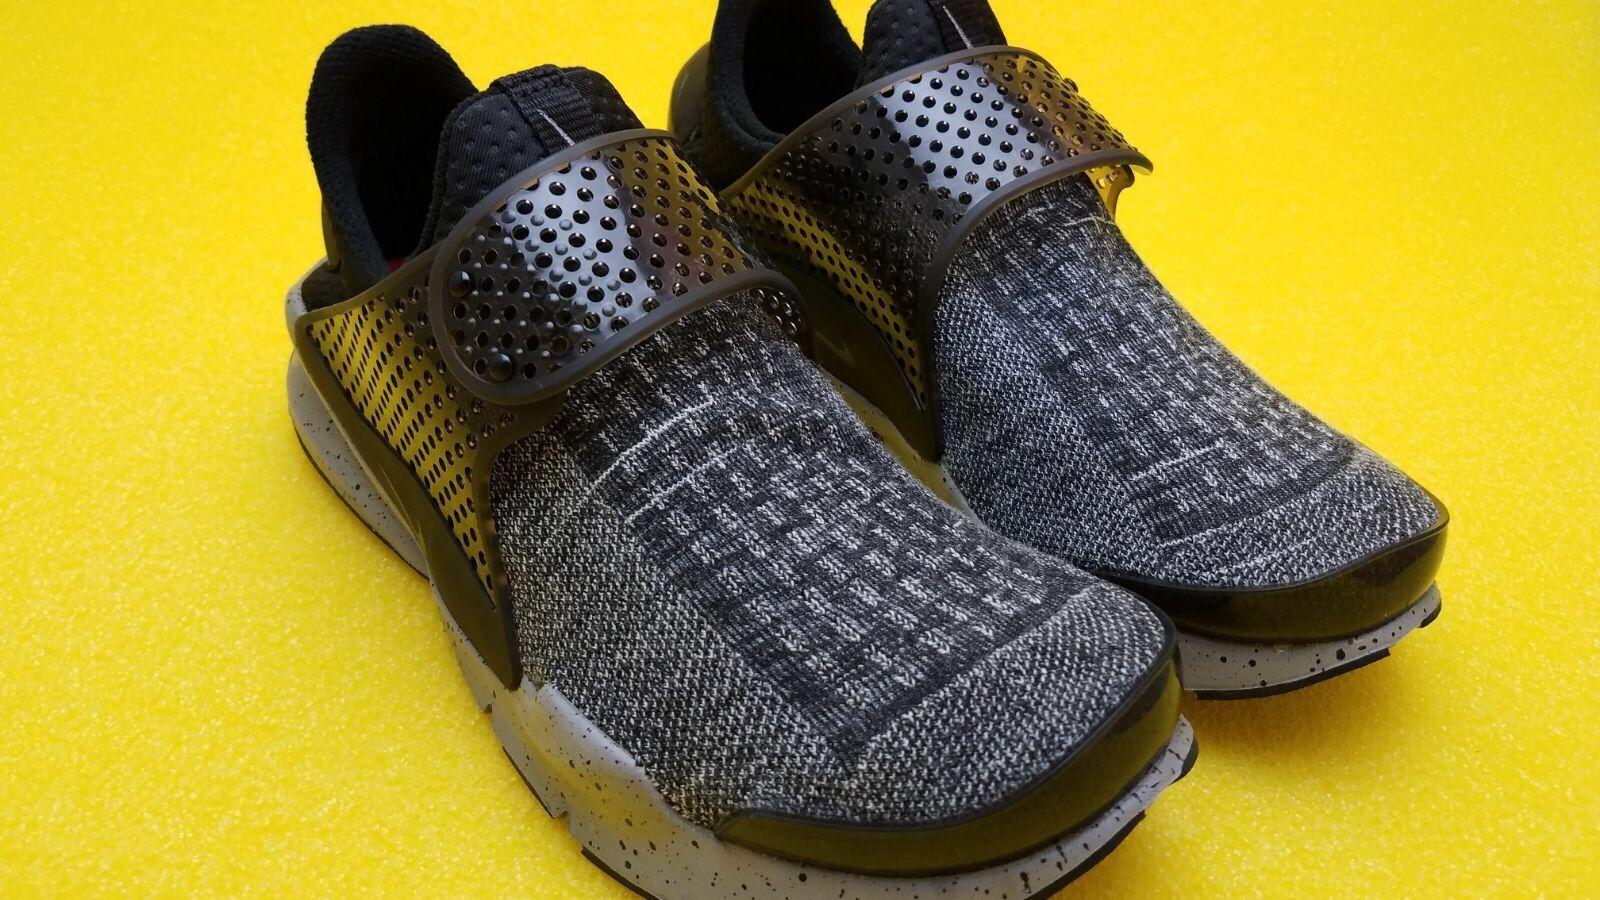 Premio nike sock dardo se uomini  / grigio scuro / platino /  alluminio / nero 859553-002 491a7e